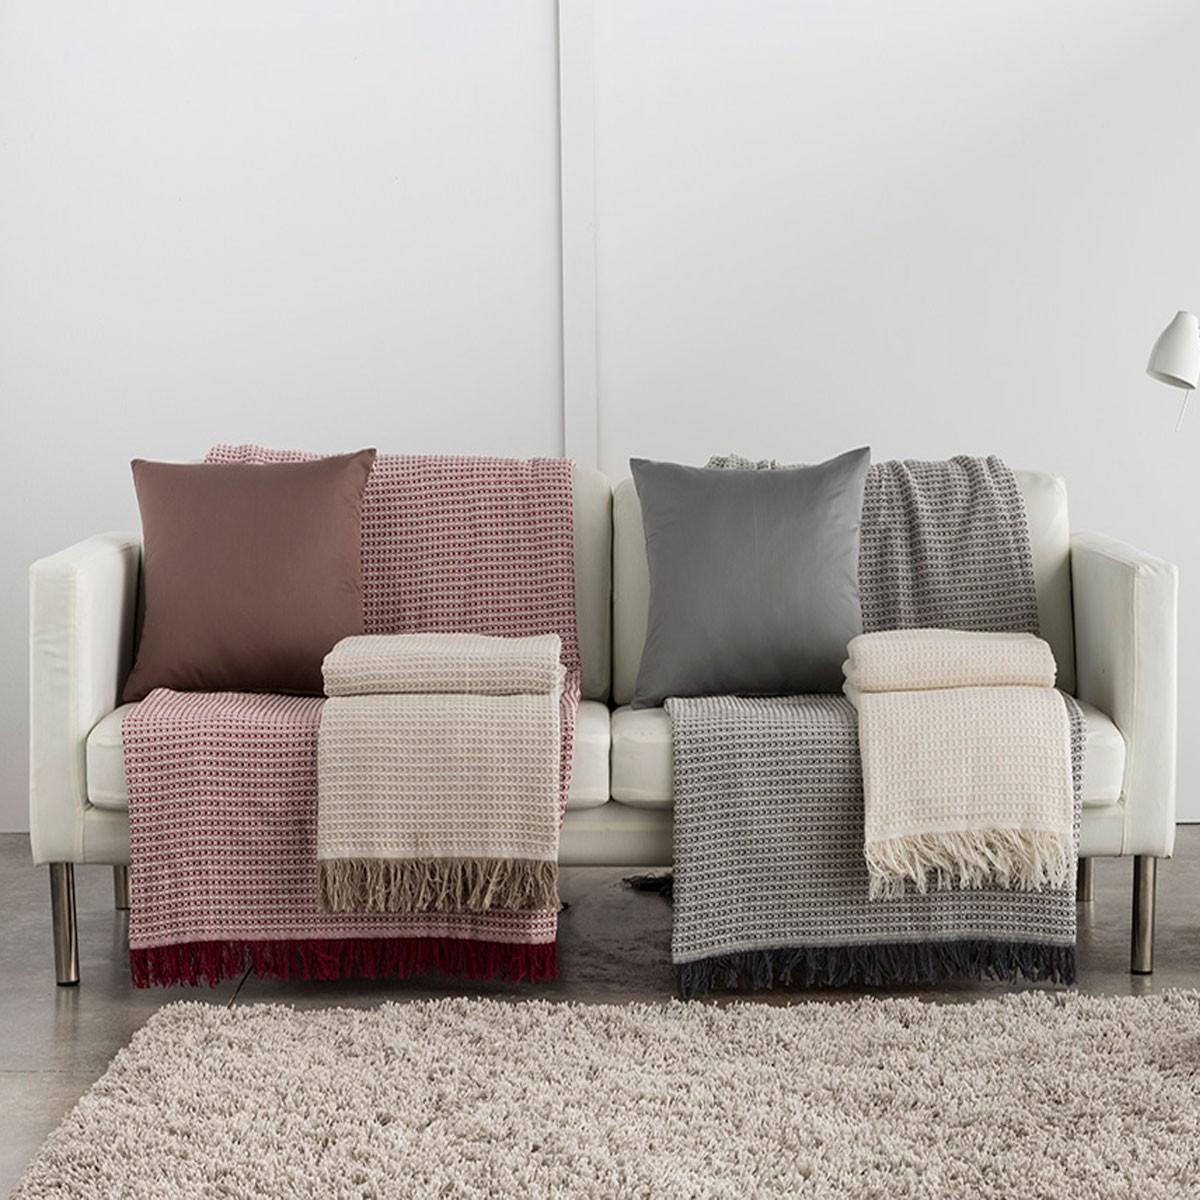 Colcha sofa Tqd3 Plaid Nido De Abeja Desde 9 76 Mishilos